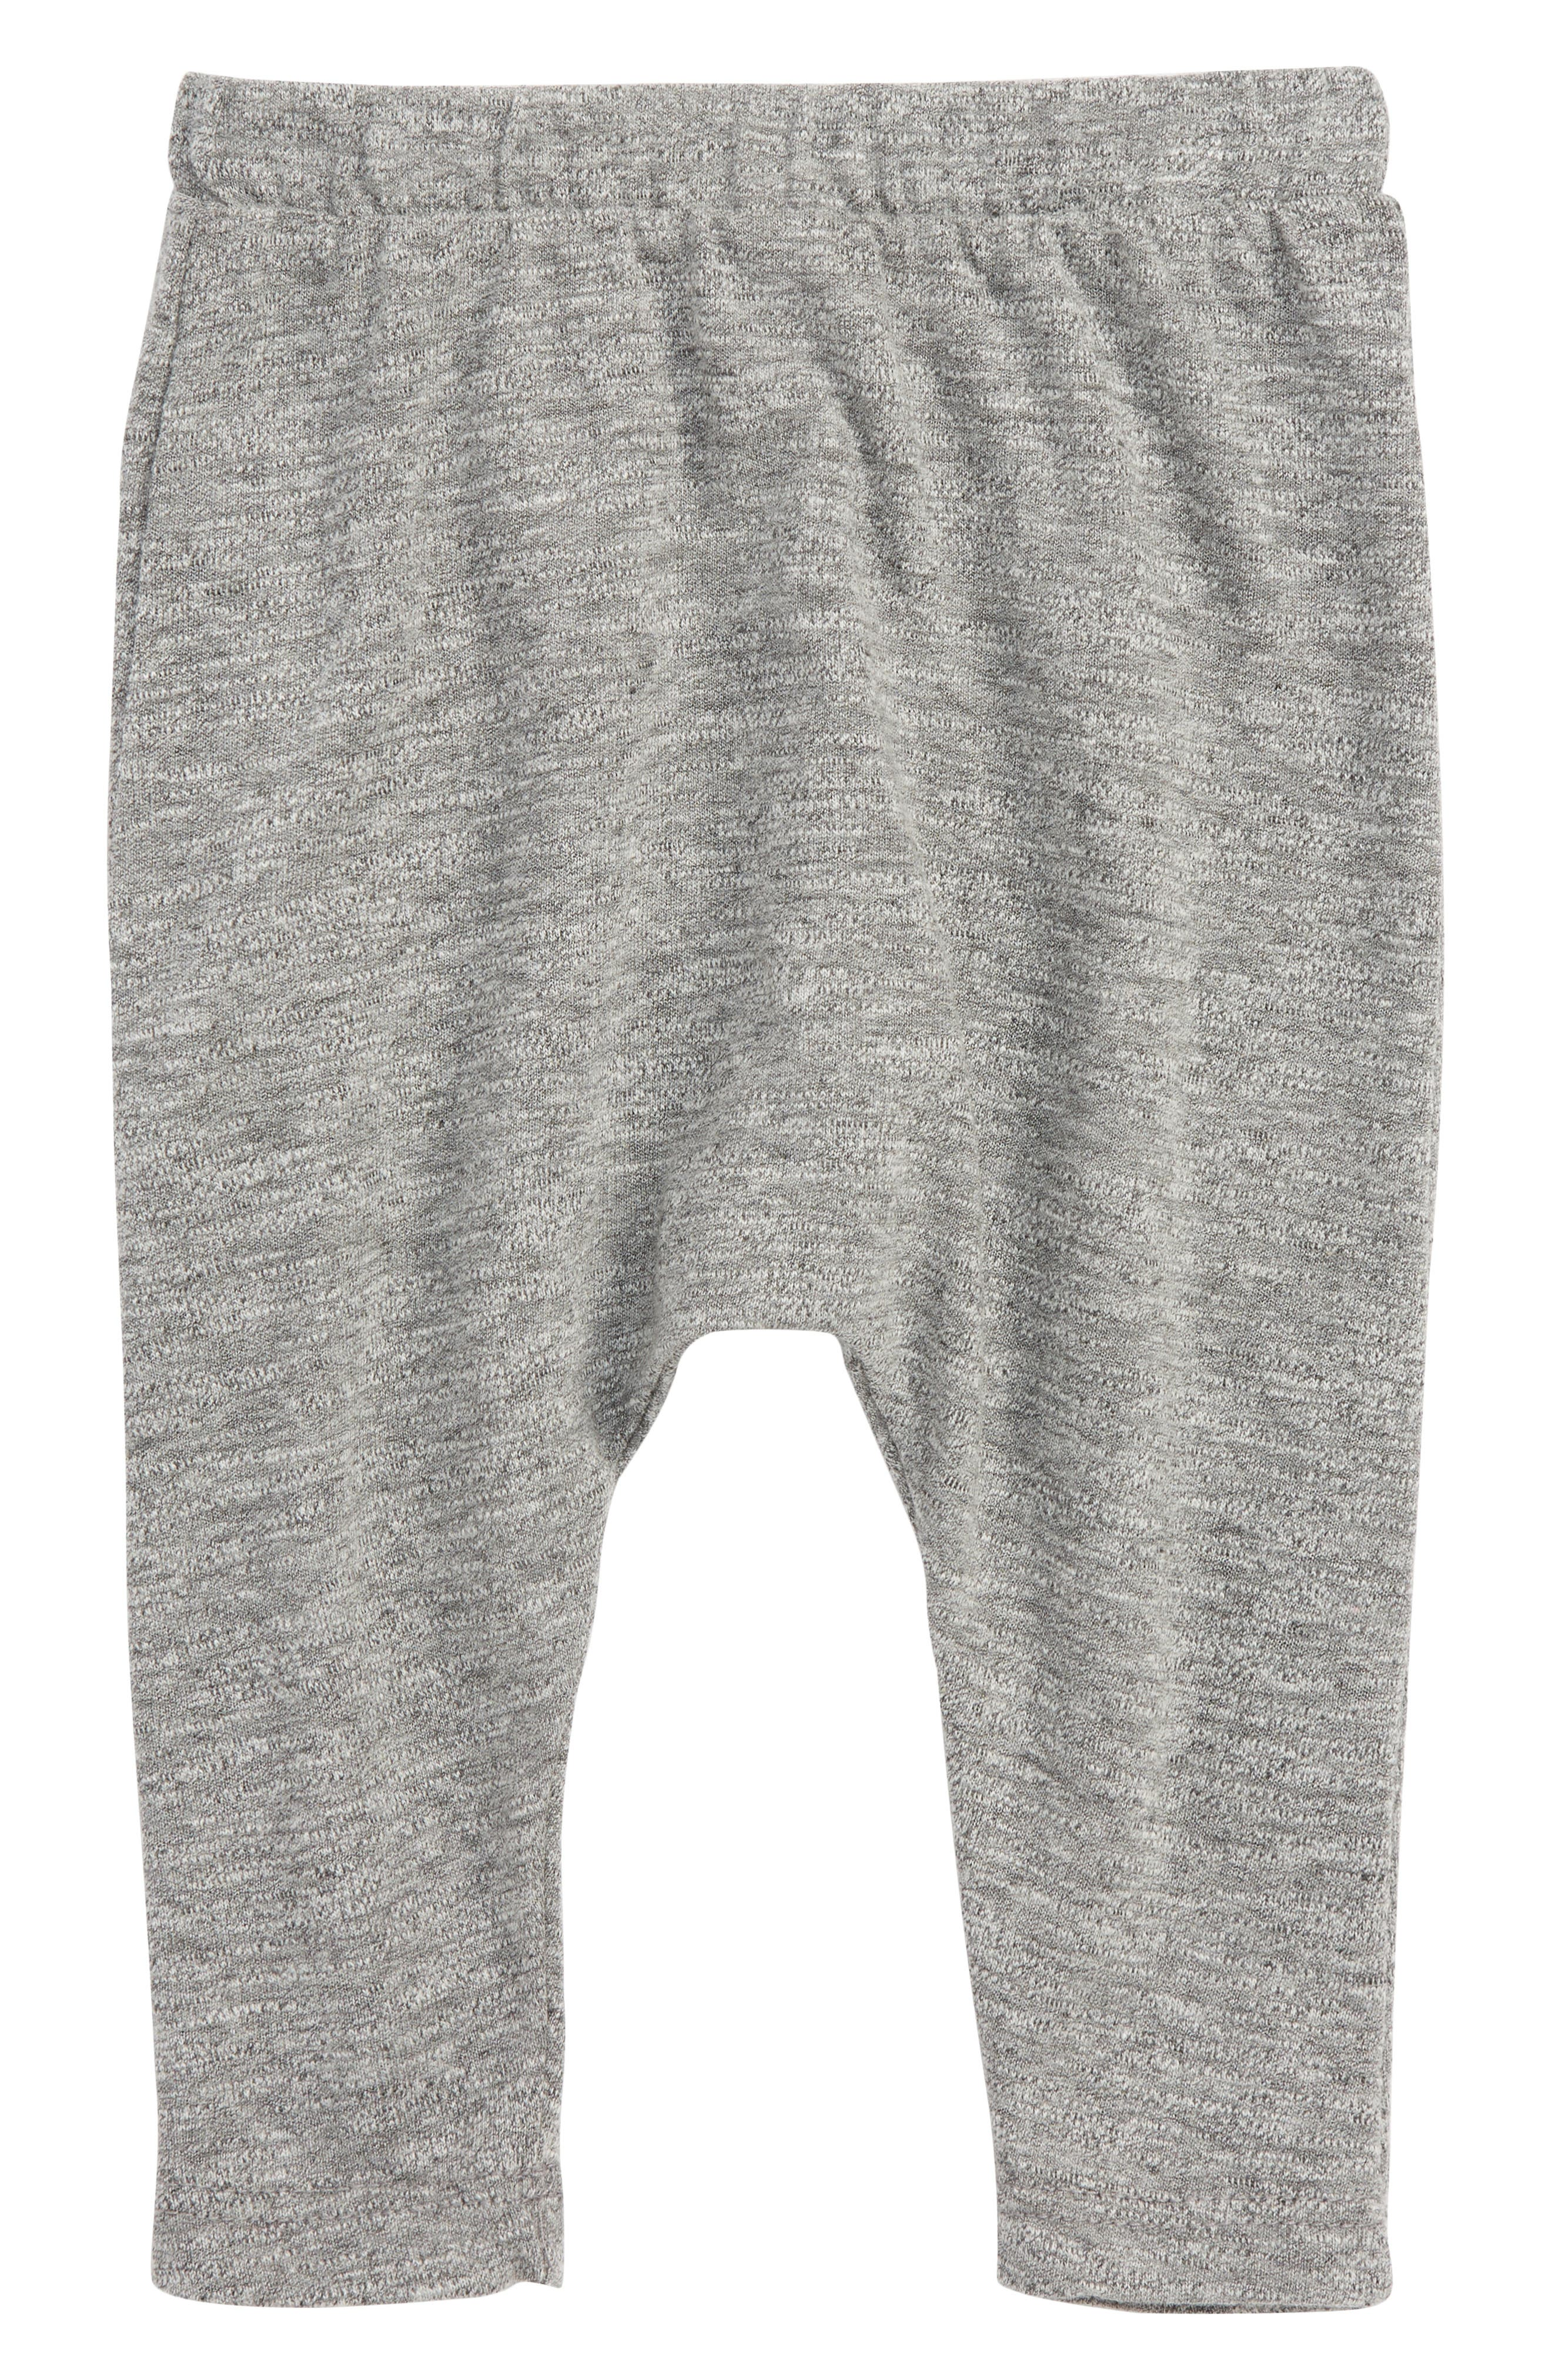 Sweatpants,                         Main,                         color, 020